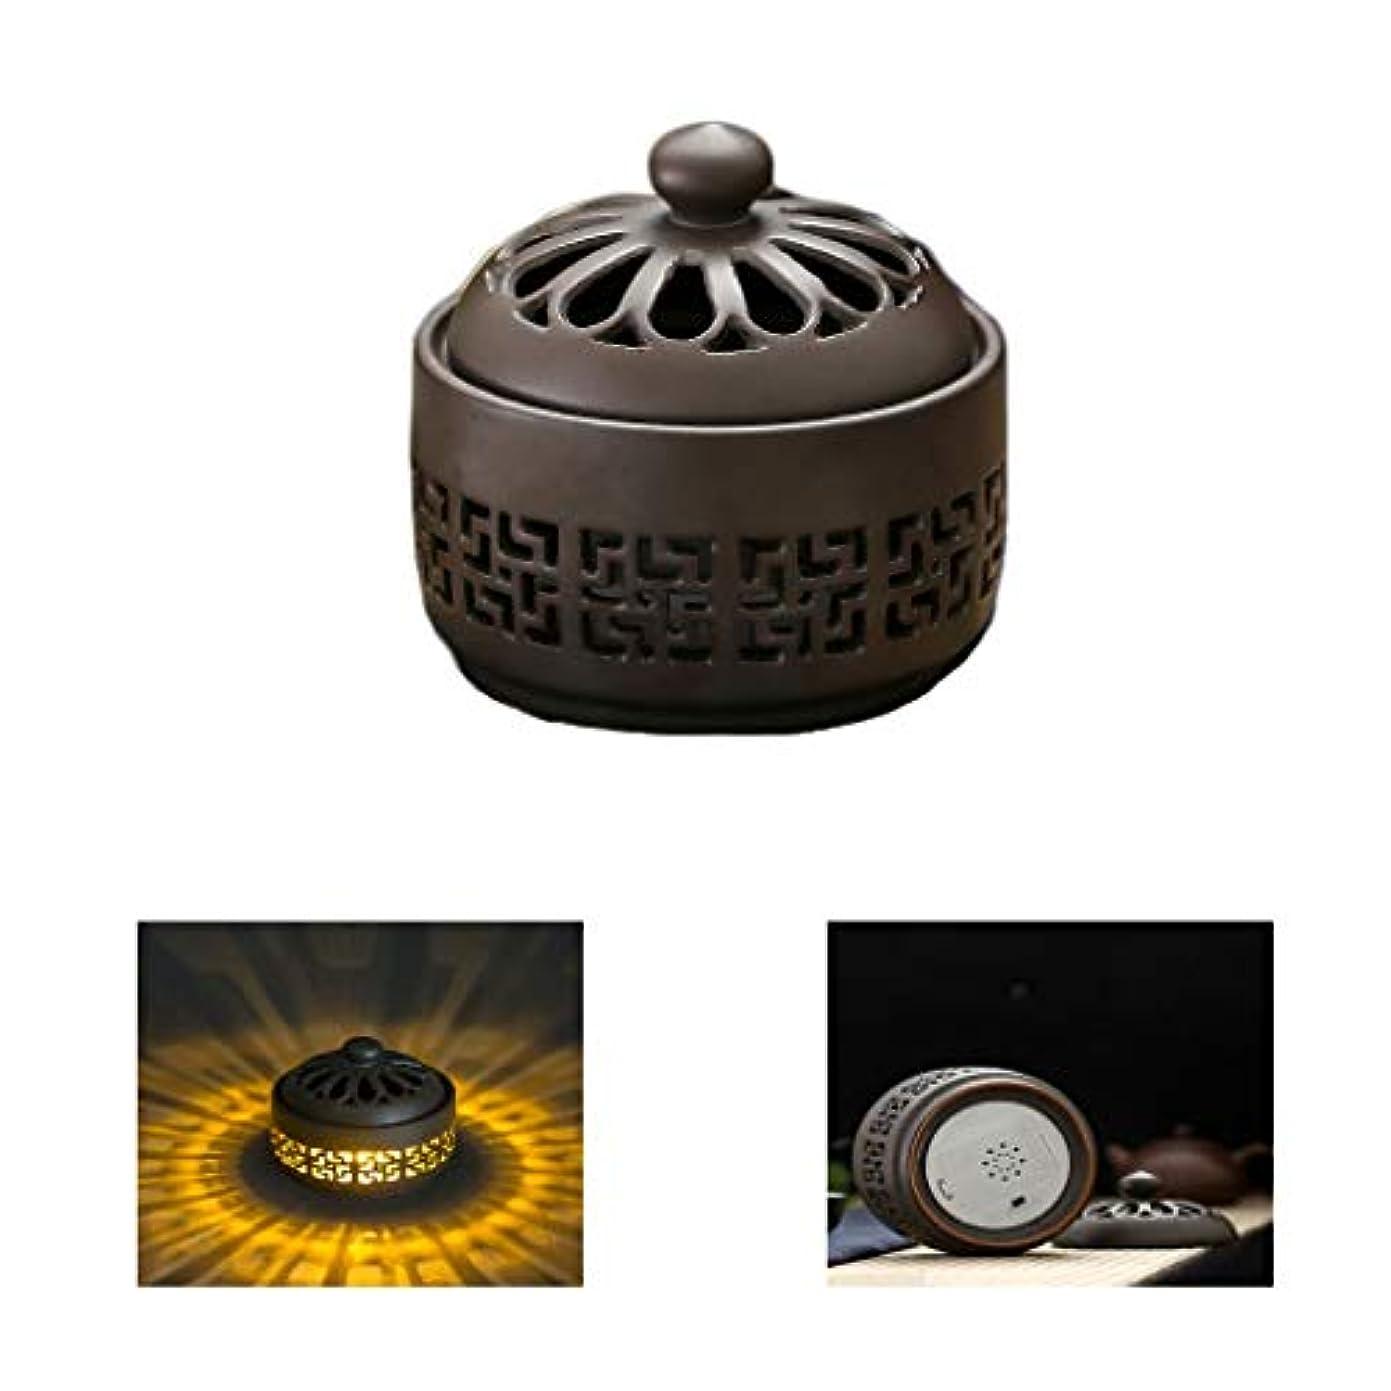 処理する番号指令ホームアロマバーナー LED暖かい光香バーナーレトロノスタルジックなセラミック香炉高温アロマセラピー炉 アロマバーナー (Color : Earth tones)